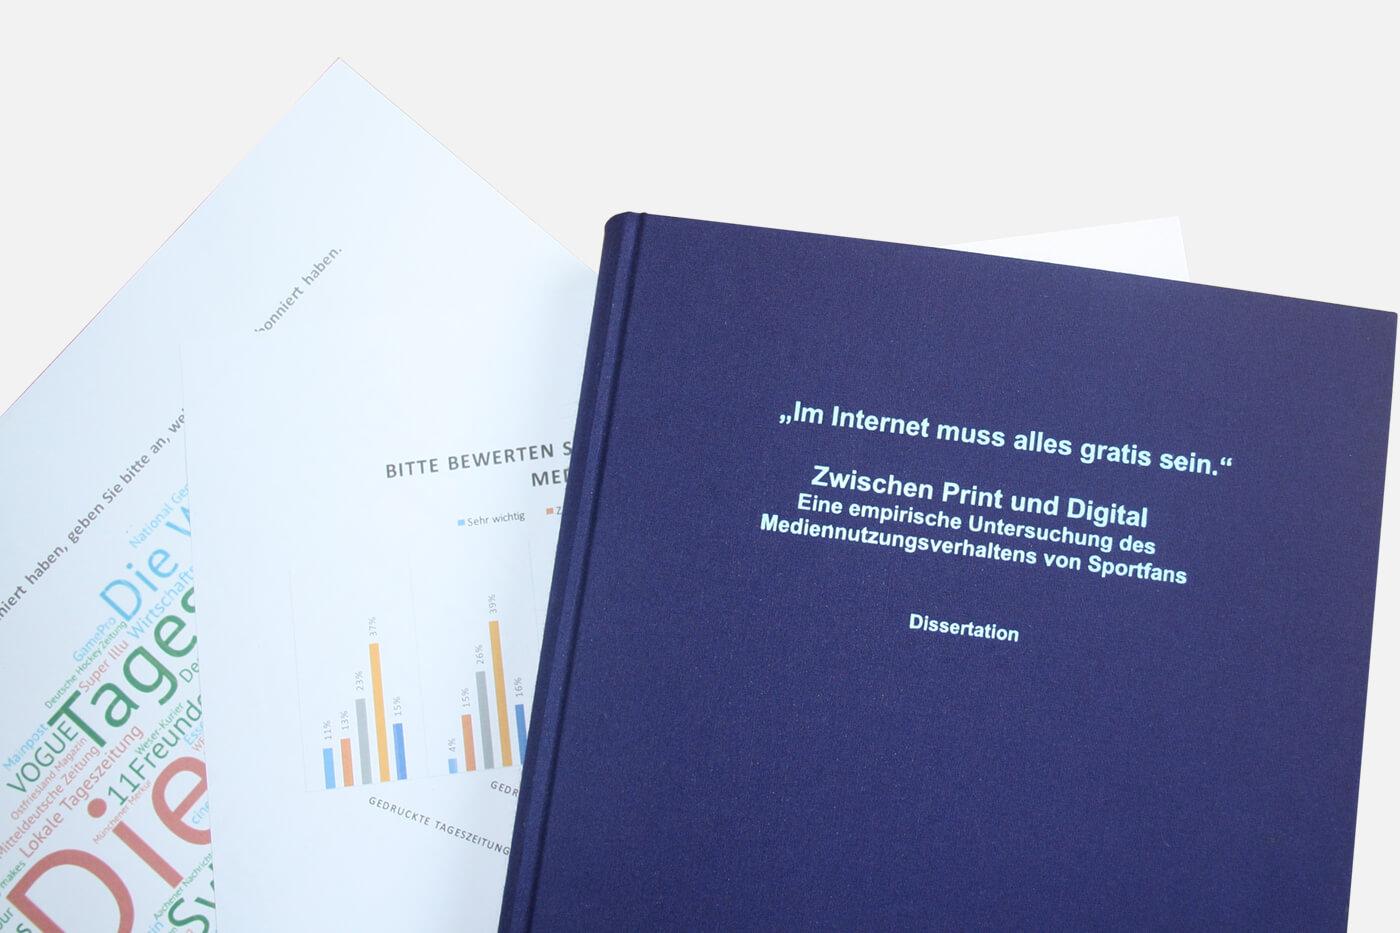 Dissertation Stina Suwelack